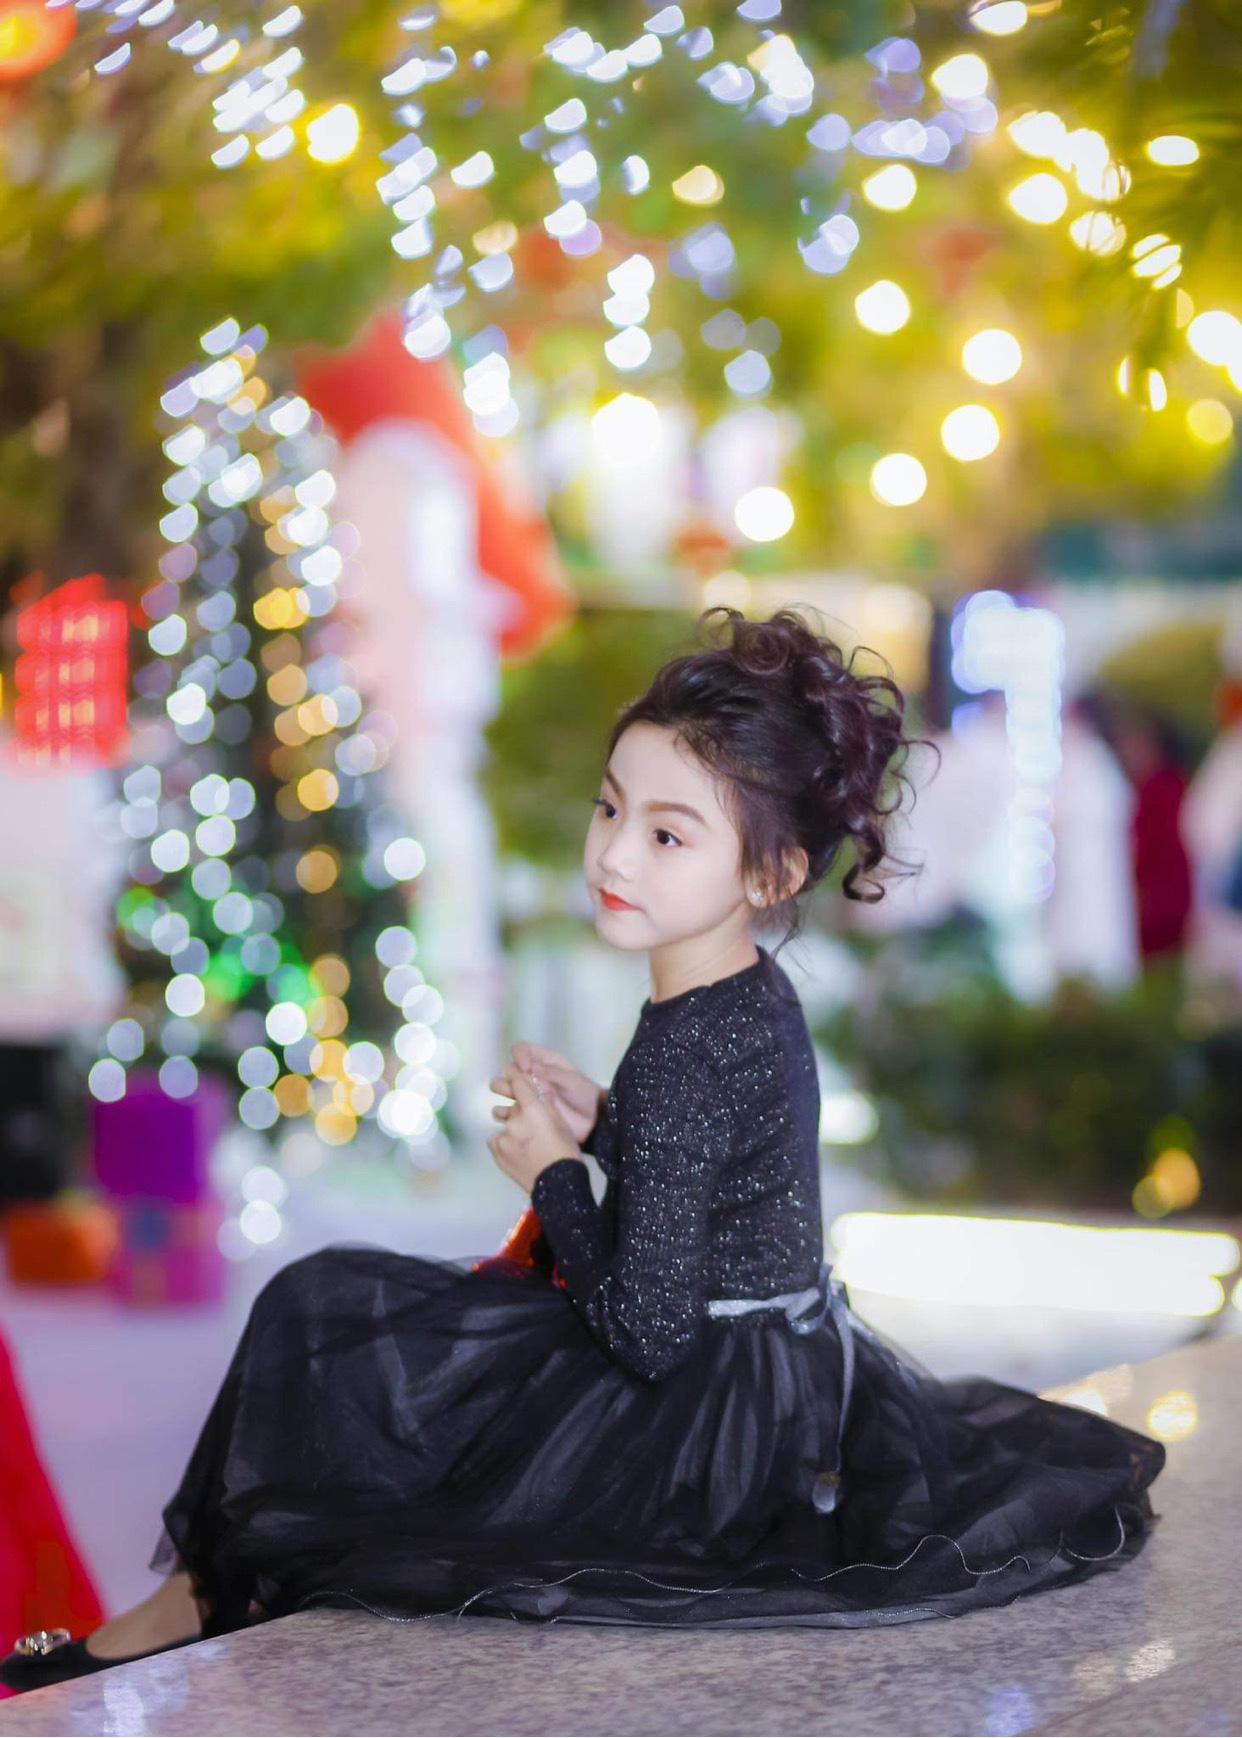 Quỳnh Vy: Nàng công chúa nhỏ đốn tim trong làng thời trang - Ảnh 2.